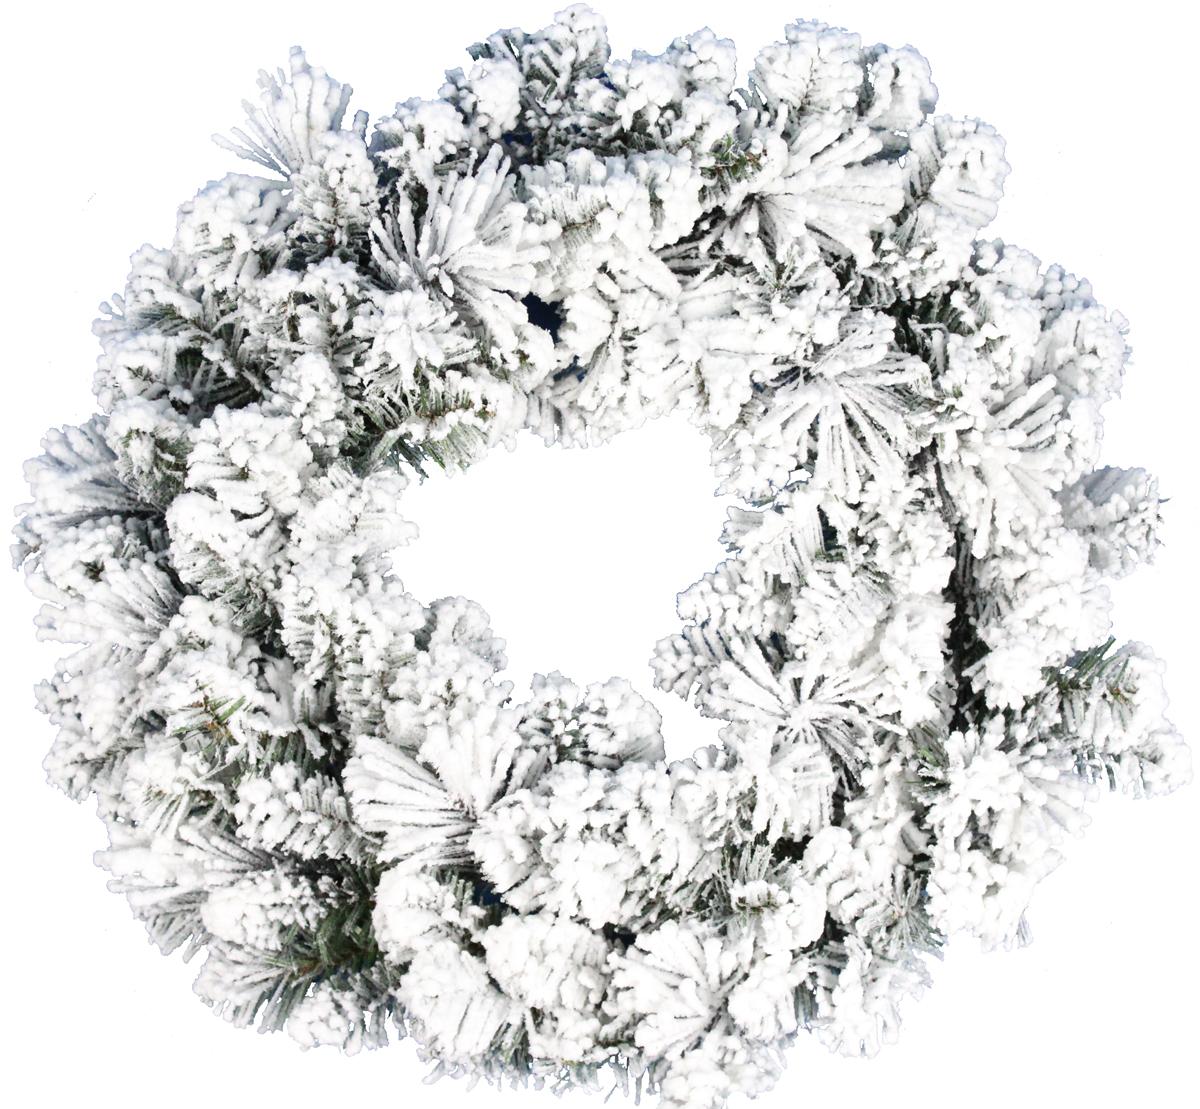 Венок декоративный Beatrees Winter, заснеженный, цвет: зеленый, белый, диаметр 60 смGS17GPP-WSA24Декоративный венок Beatrees Winter дополнит интерьер любого помещения в преддверии Нового года, а также может стать оригинальным подарком для ваших друзей и близких. Композиция выполнена в виде венка из заснеженных искусственных веток. Оформление помещения декоративным венком создаст праздничную, по-настоящему радостную и теплую атмосферу.